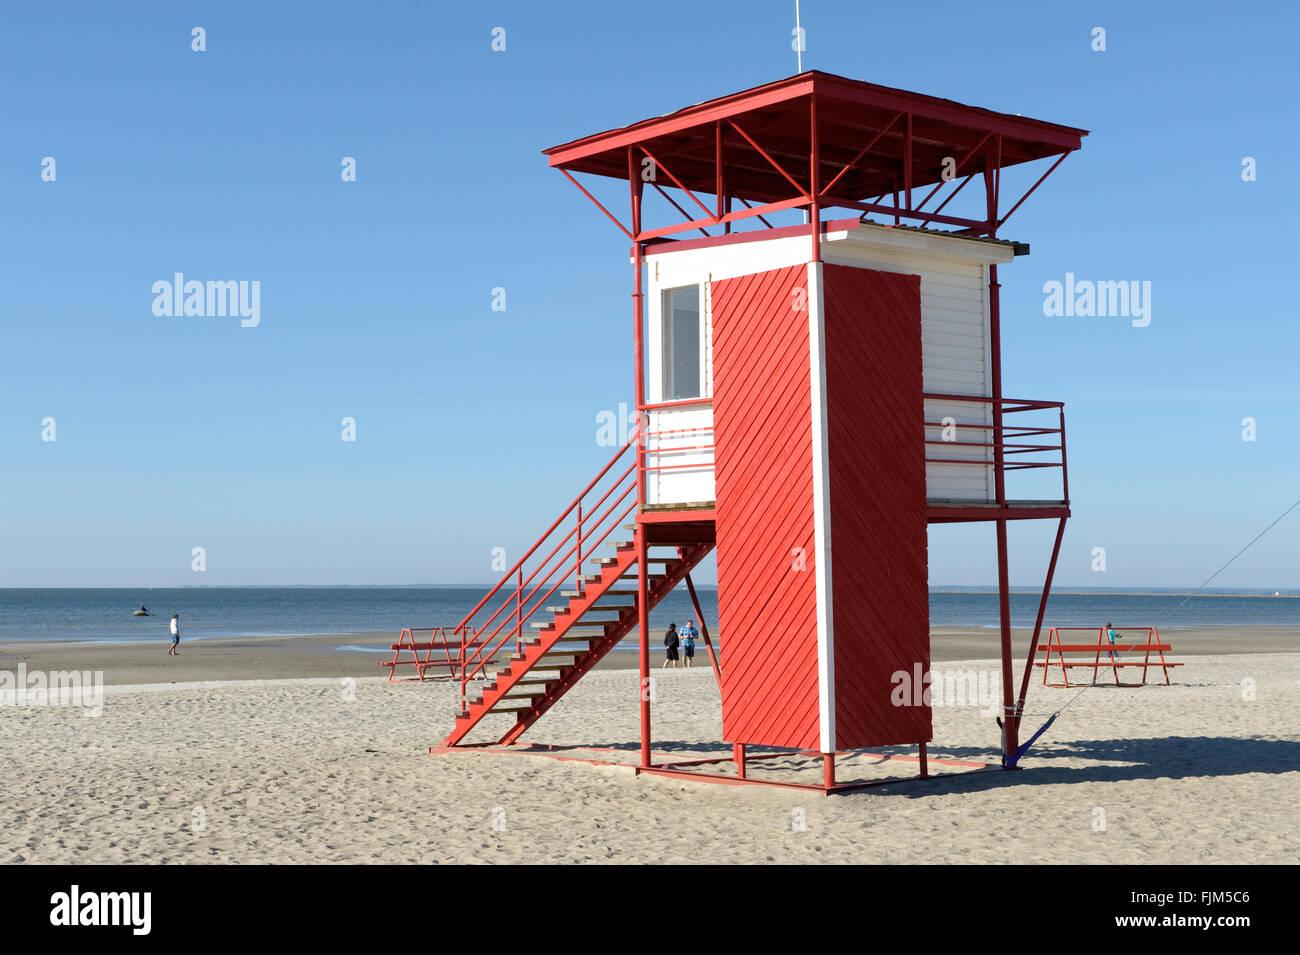 Géographie / billet, l'Estonie, Tallinn, plages, perspectives de sauveteurs, vue extérieure, Additional-Rights Clearance-Info-Not-Available- Banque D'Images